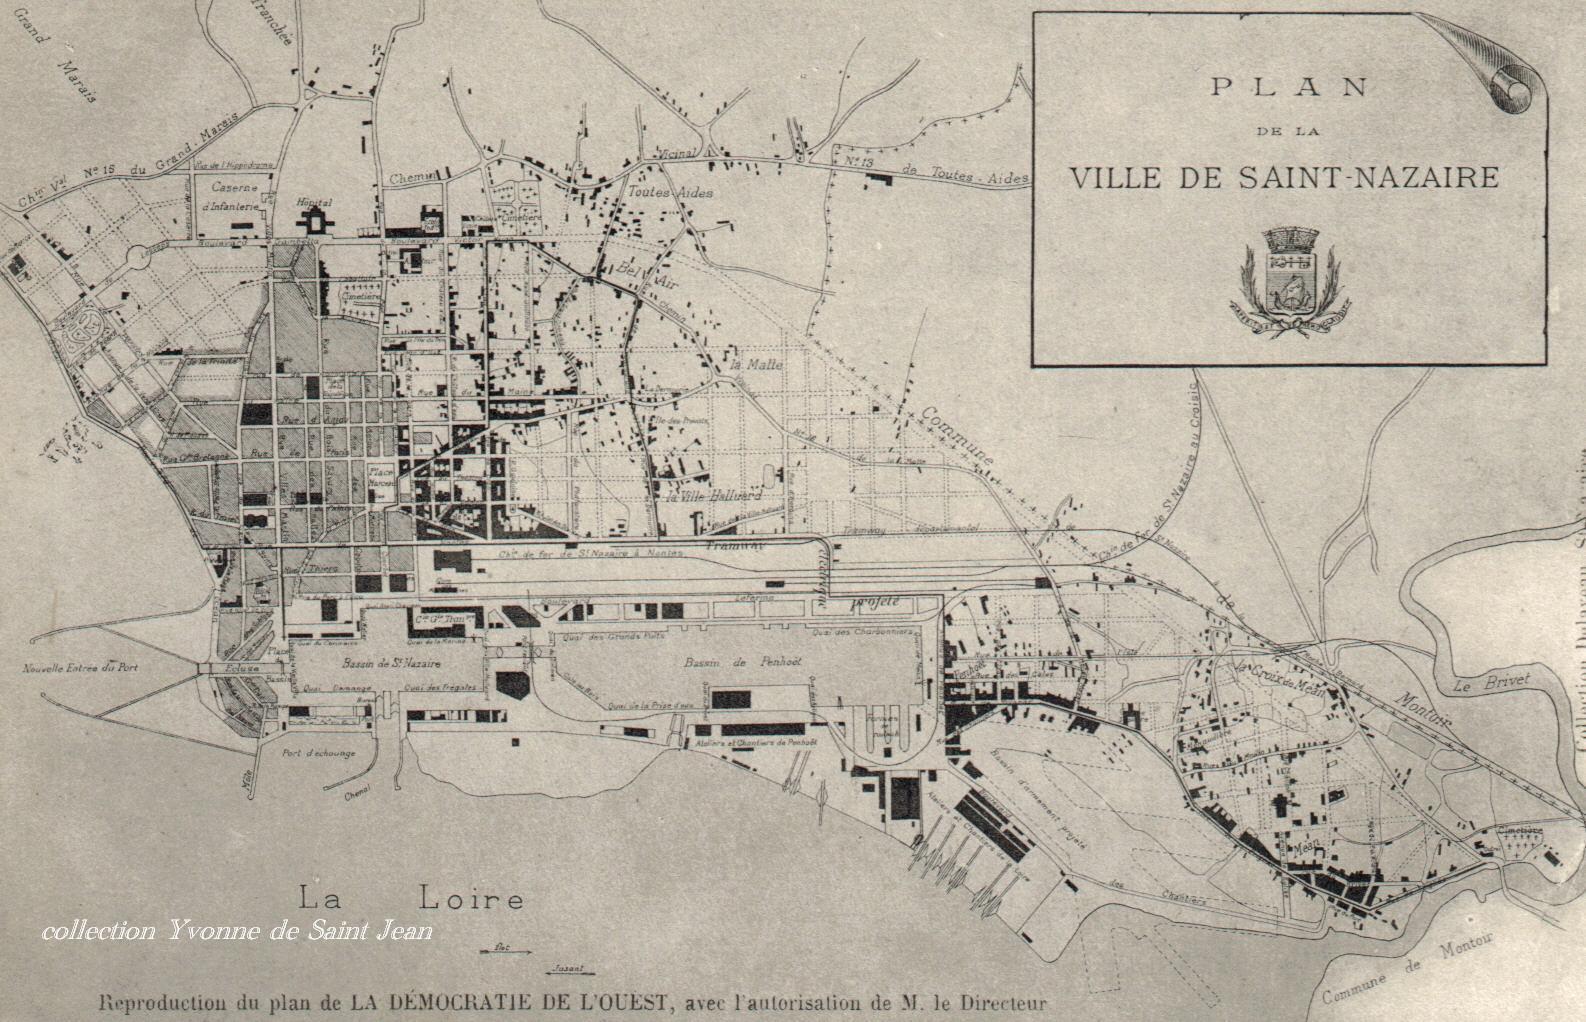 plan cule Saint-Nazaire